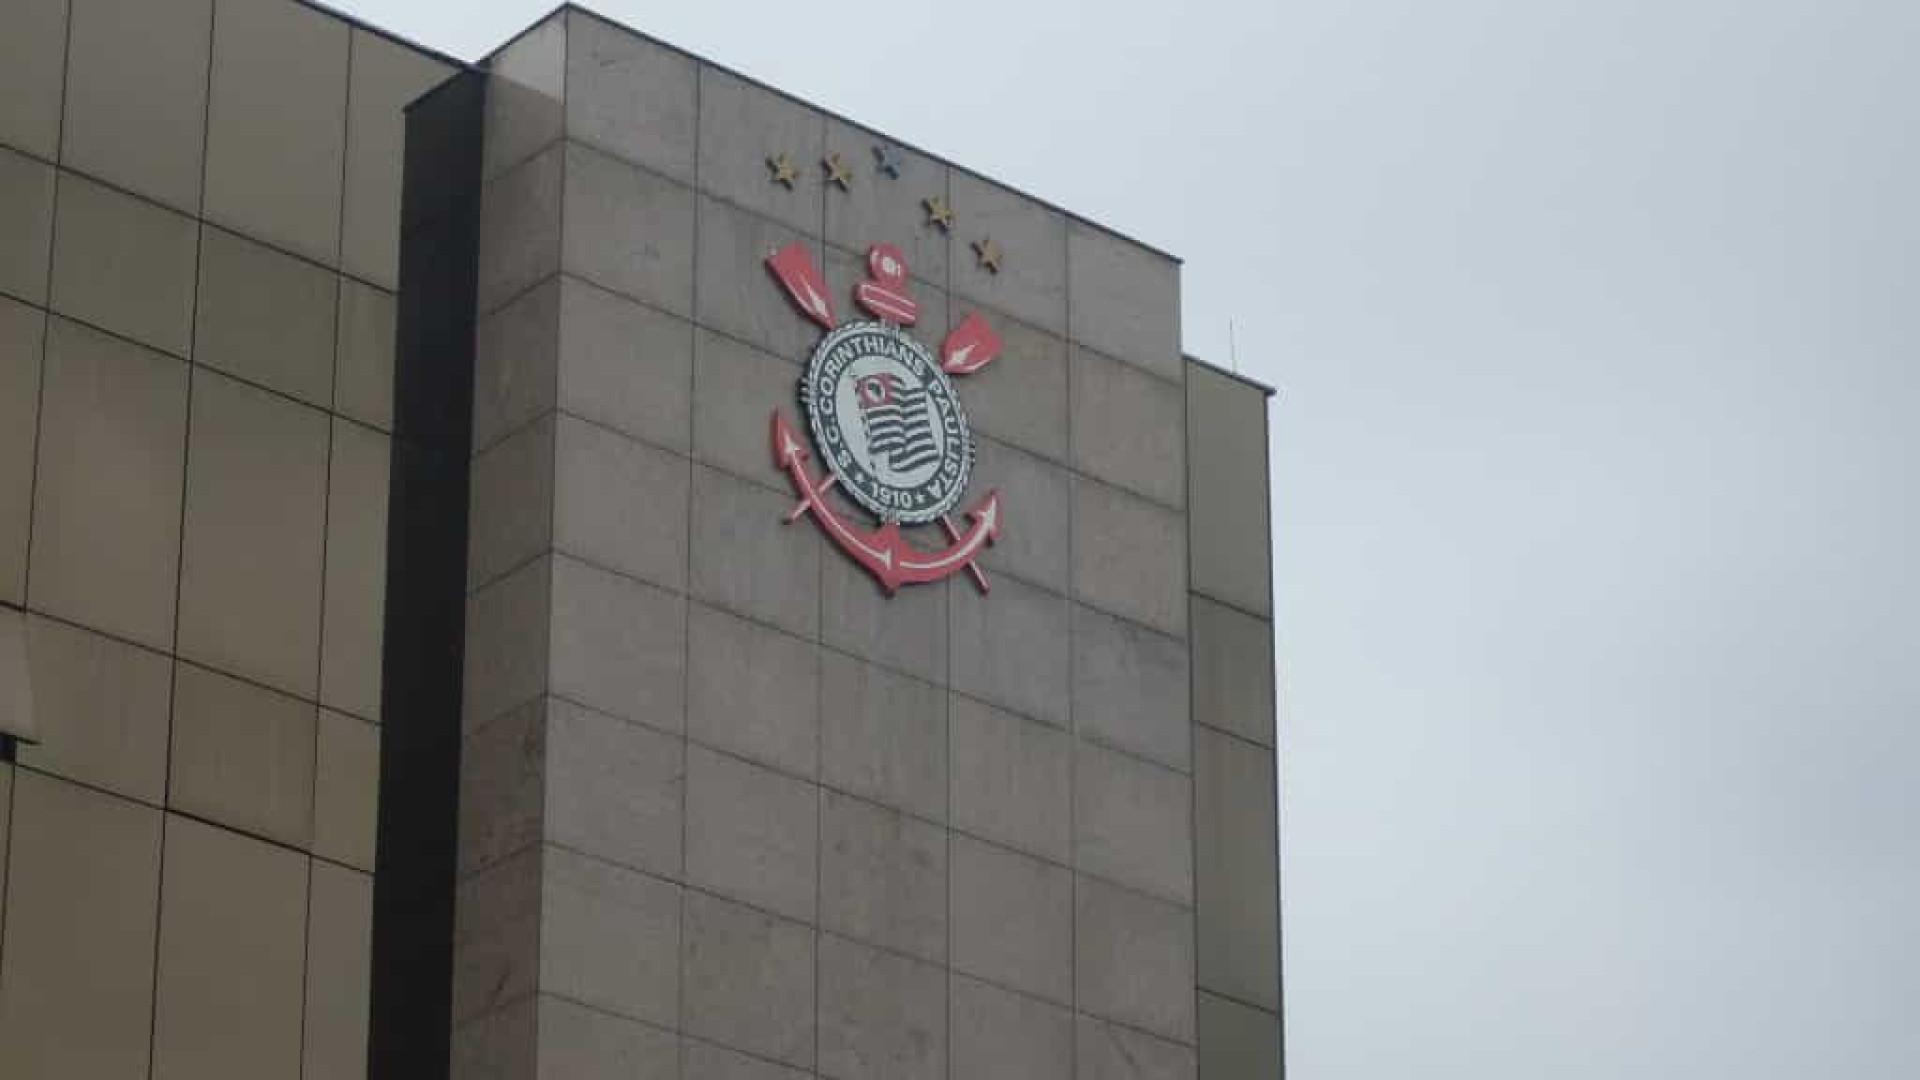 Corinthians descumpre prazo e não publica balanço financeiro